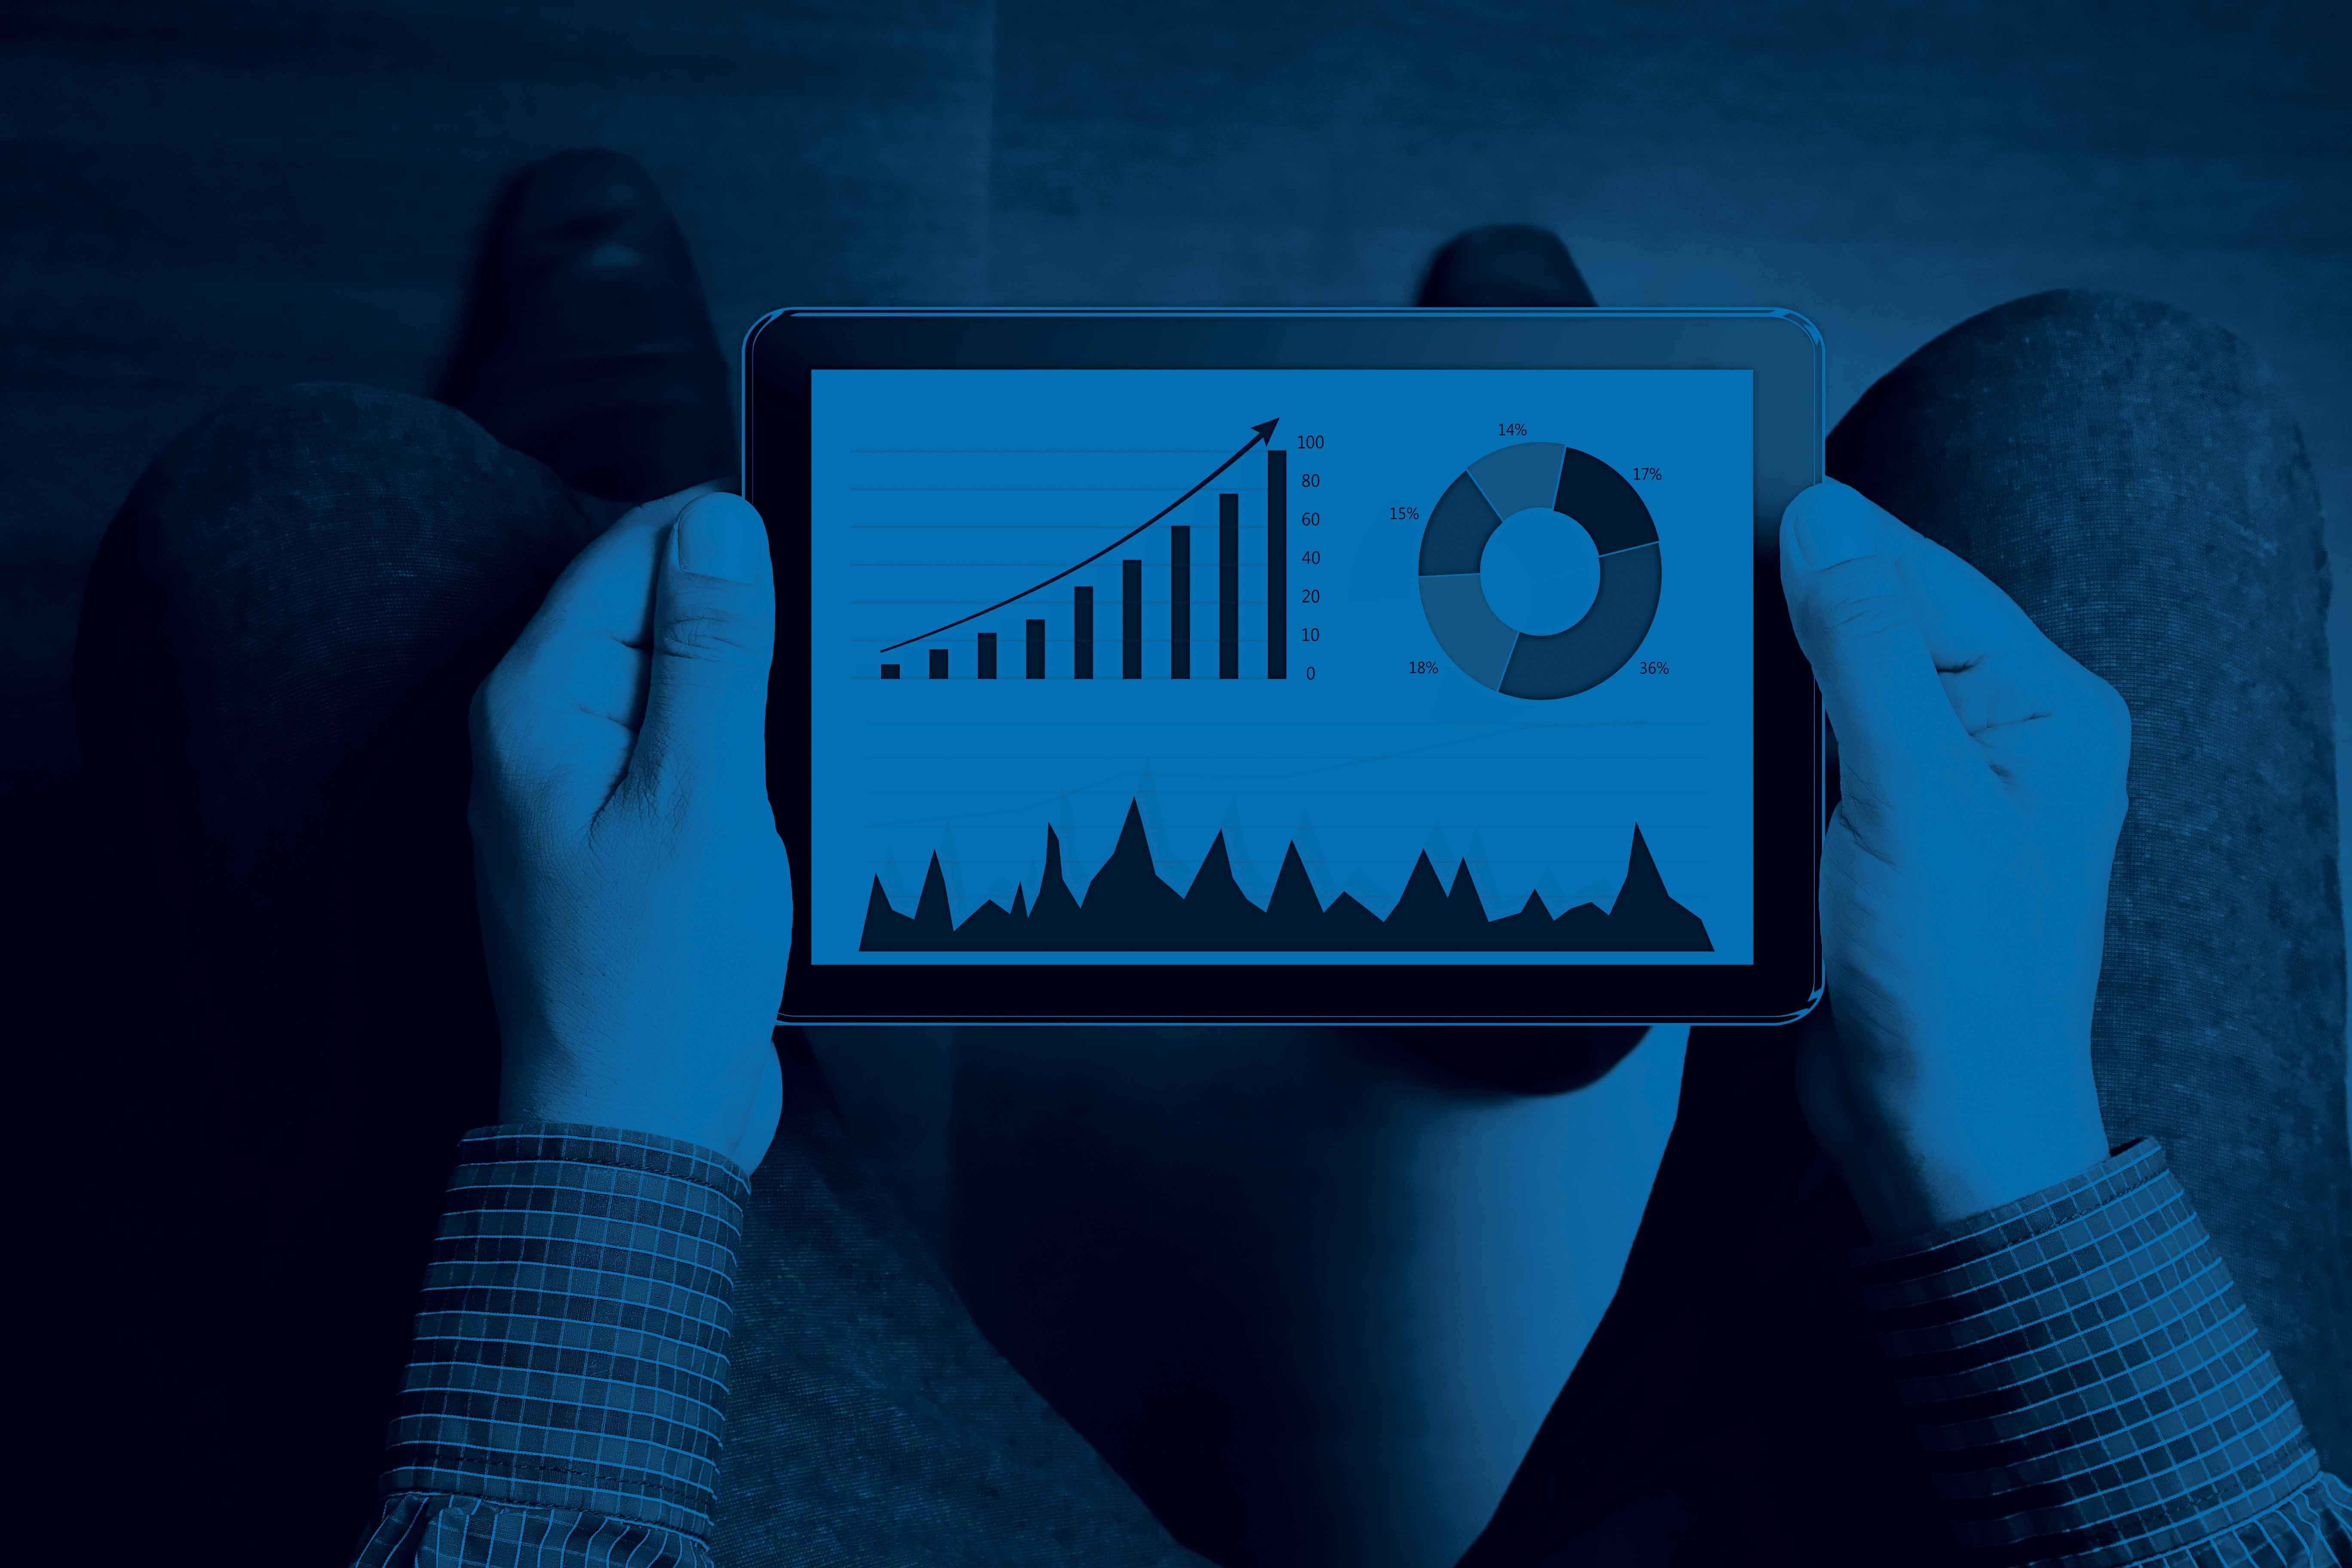 Tablet_Data_Blue.jpg